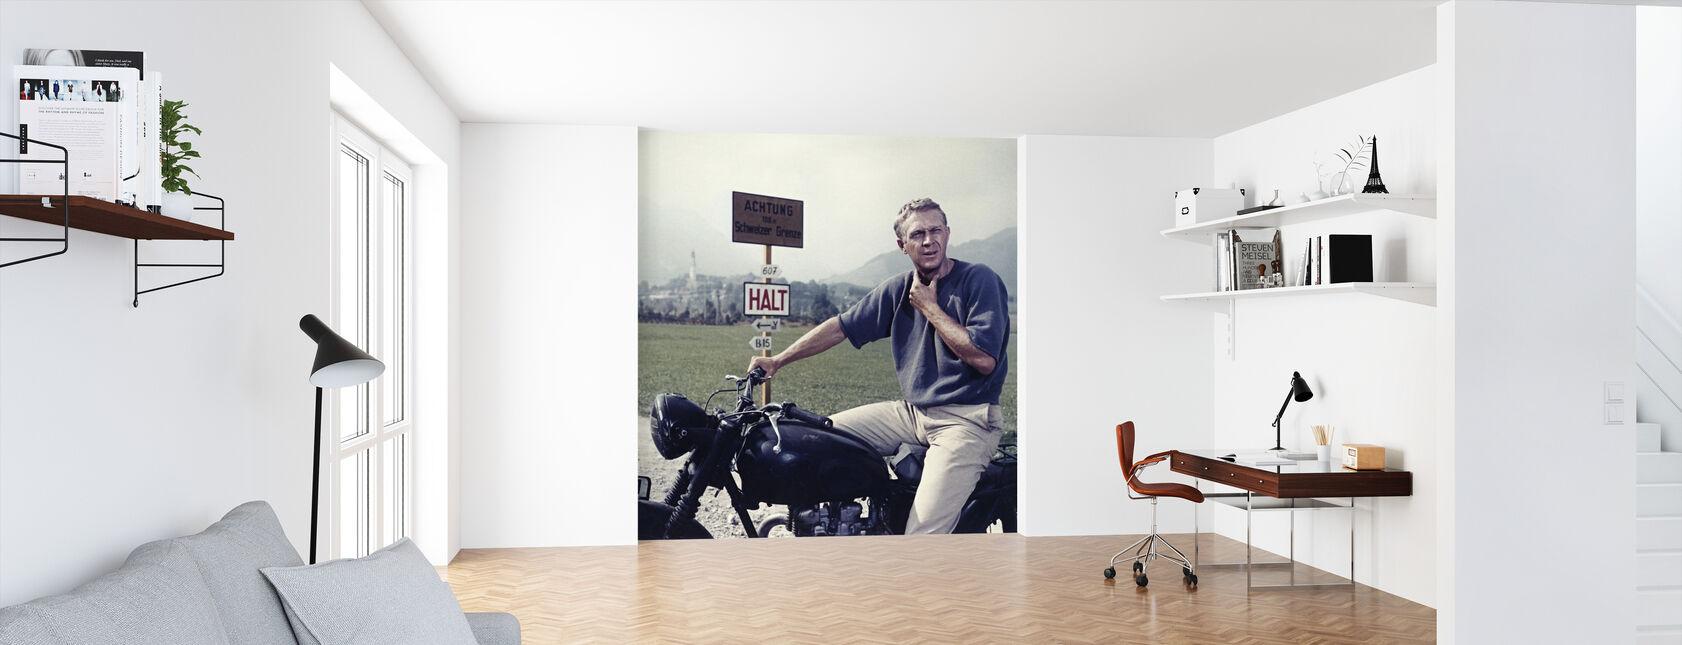 Great Escape -Steve McQueen - Wallpaper - Office